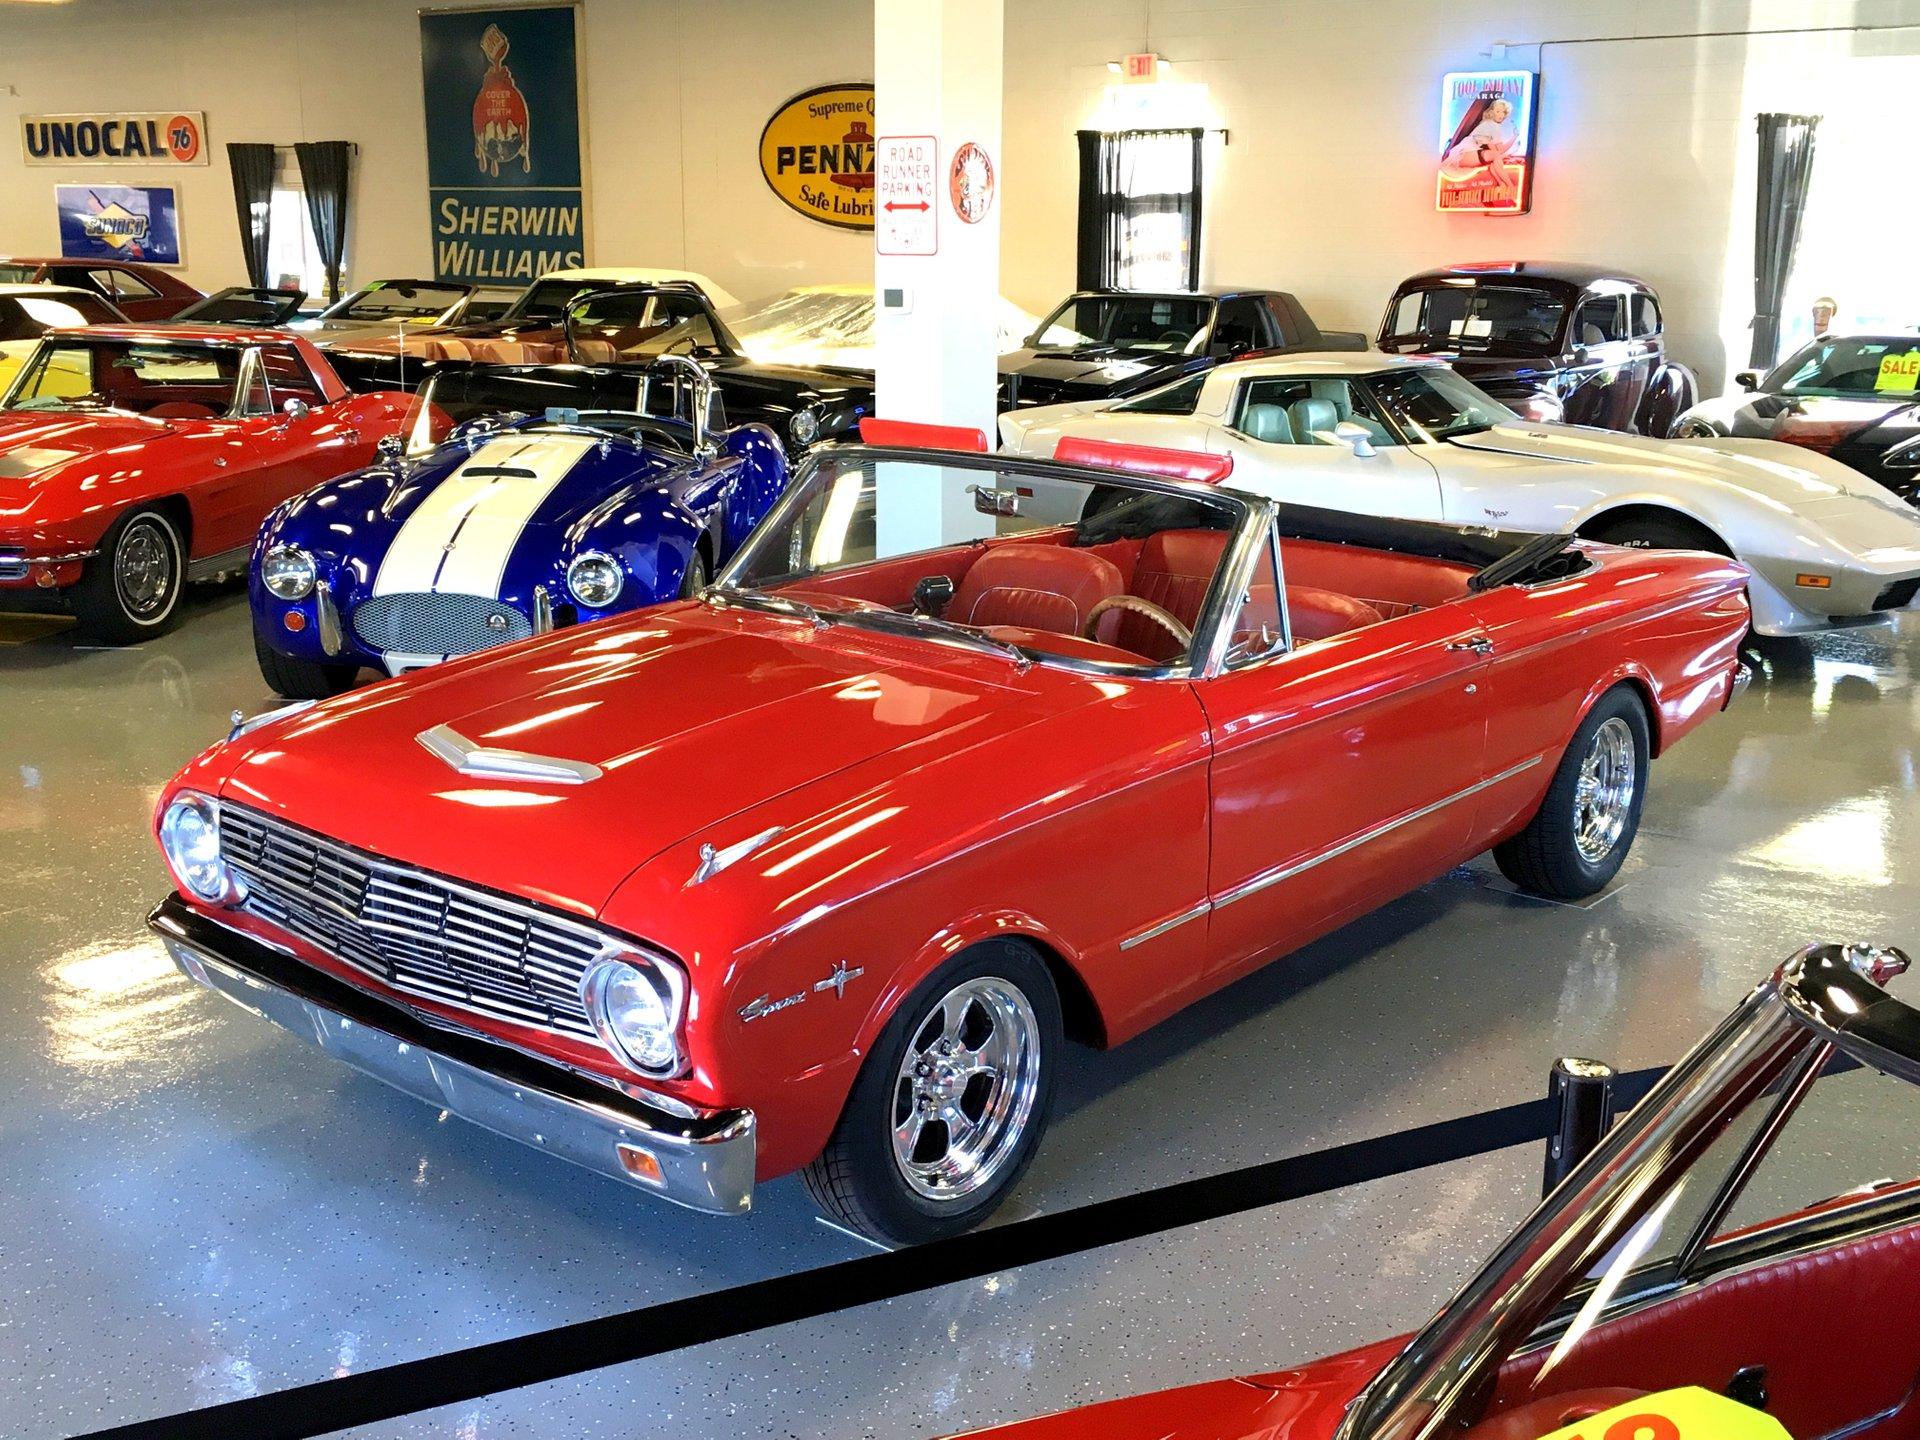 1963 Ford Falcon | Showdown Auto Sales - Drive Your Dream